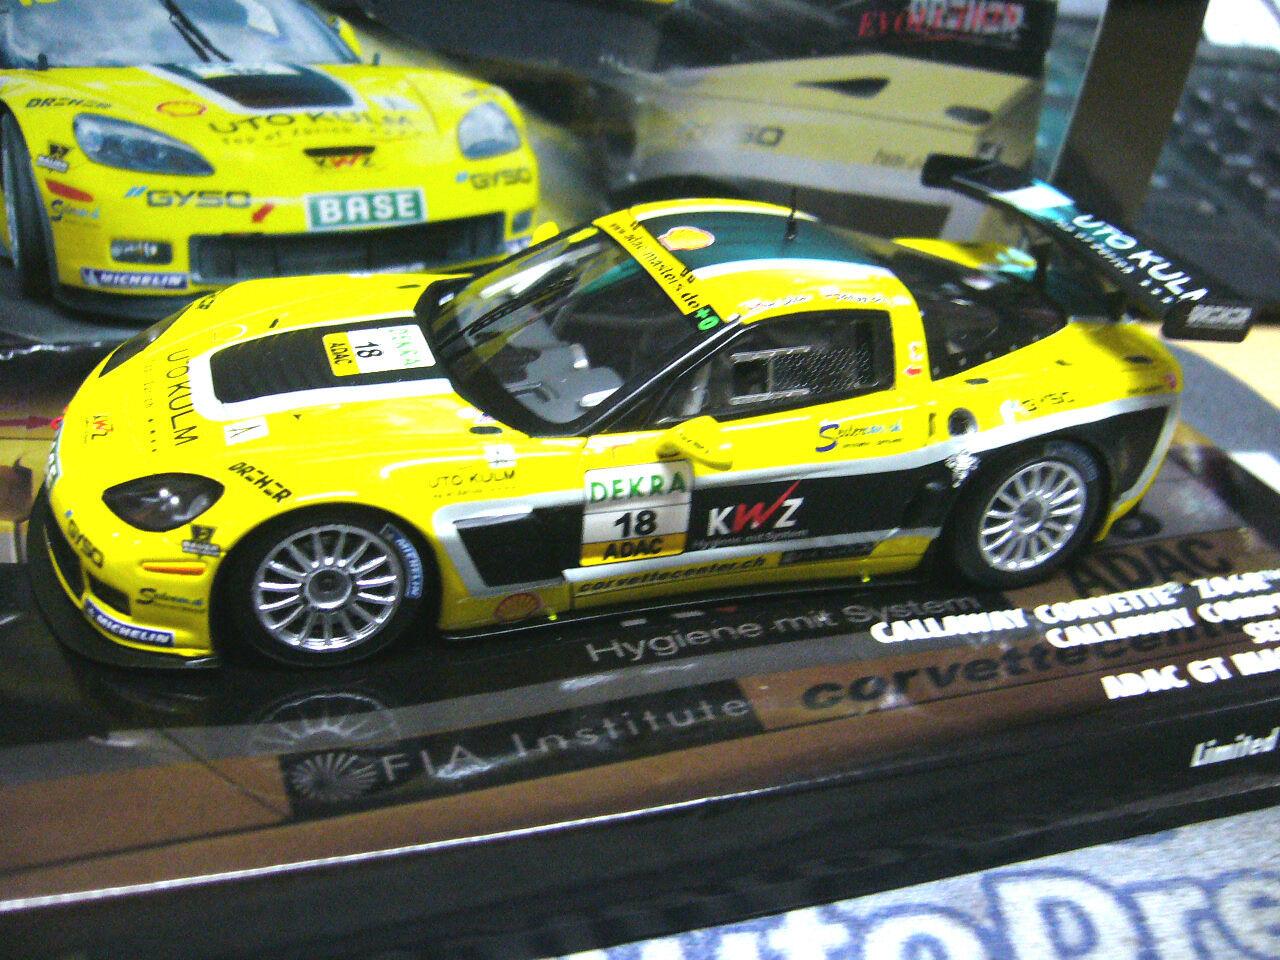 CHEVROLET CORVETTE zo6 r gt3 GT Masters 2011 seiler étroitement  18 Minichamps résidus 1 43